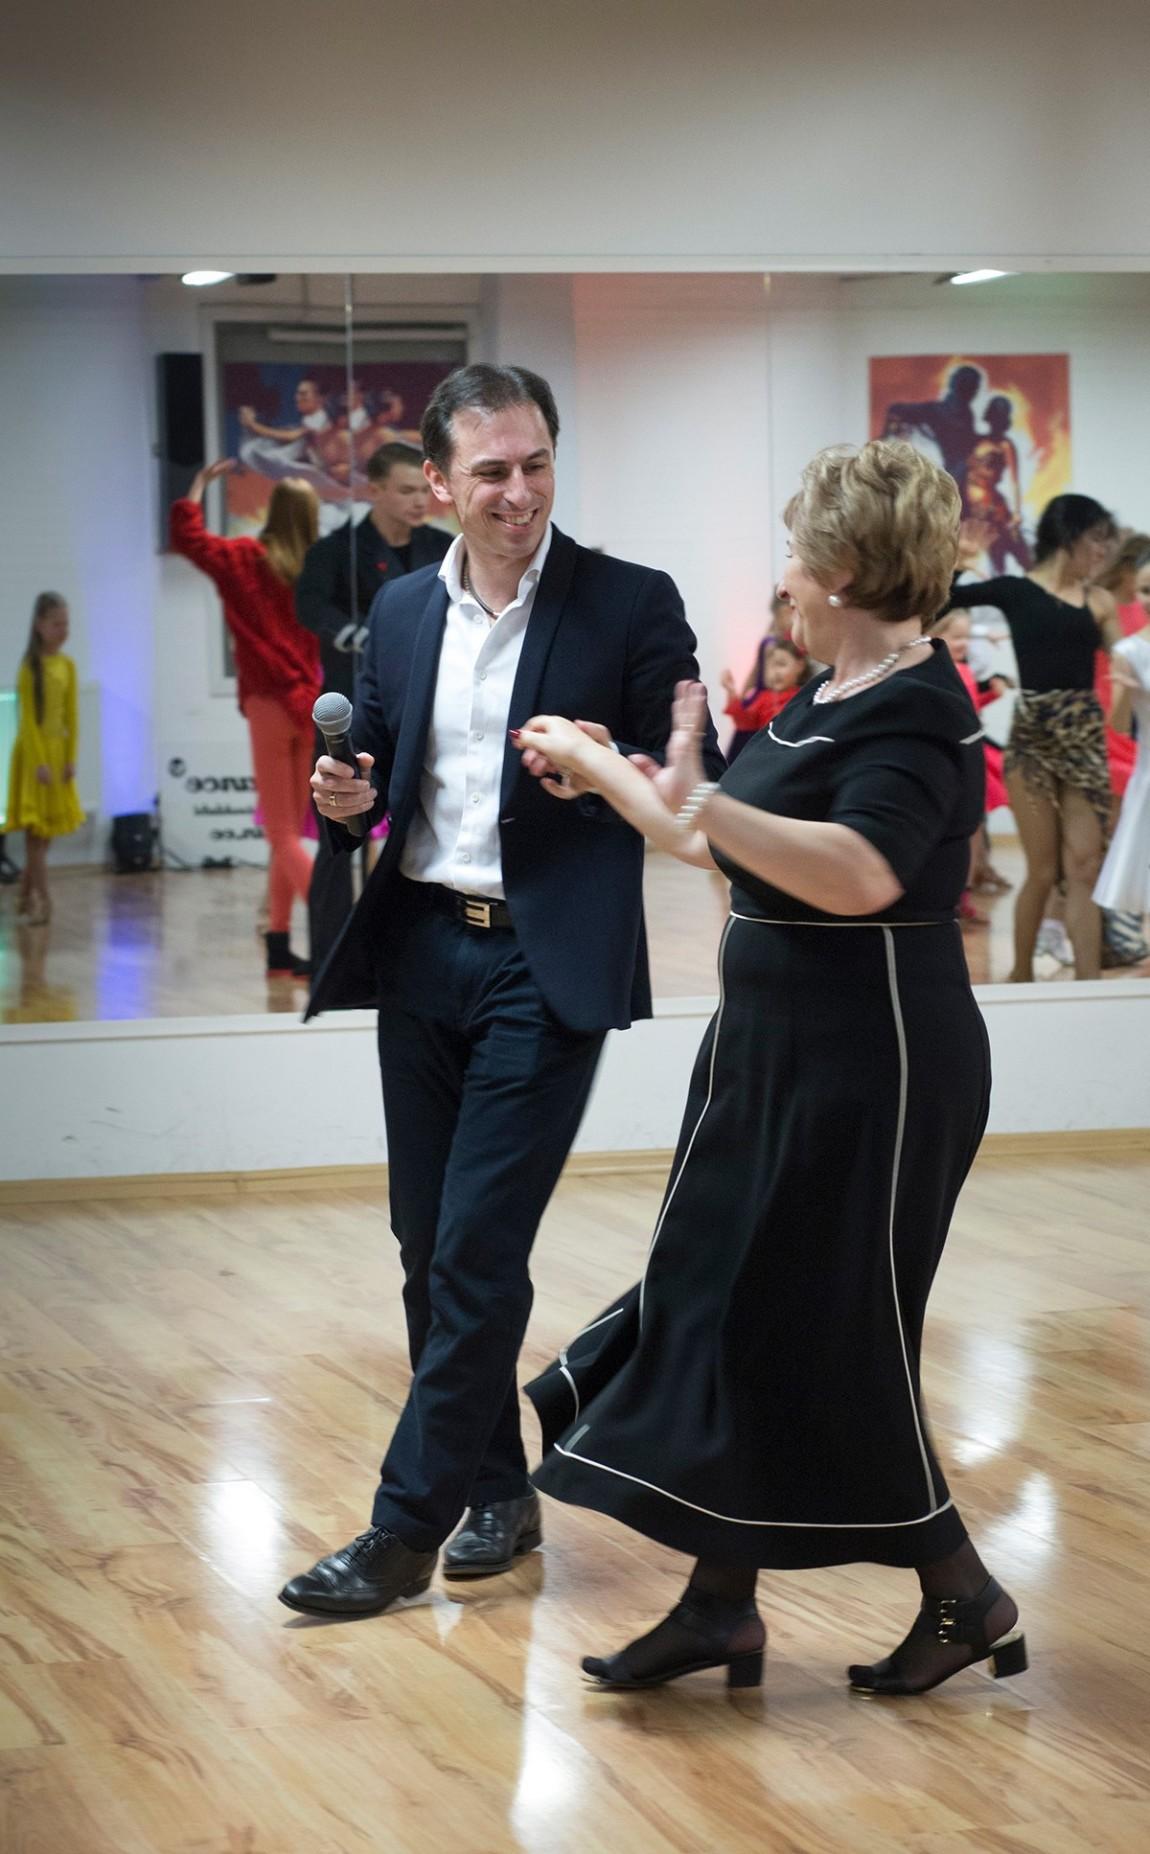 Uus SELTSKONNA tantsu kursus toimub 3. oktoobril 2018